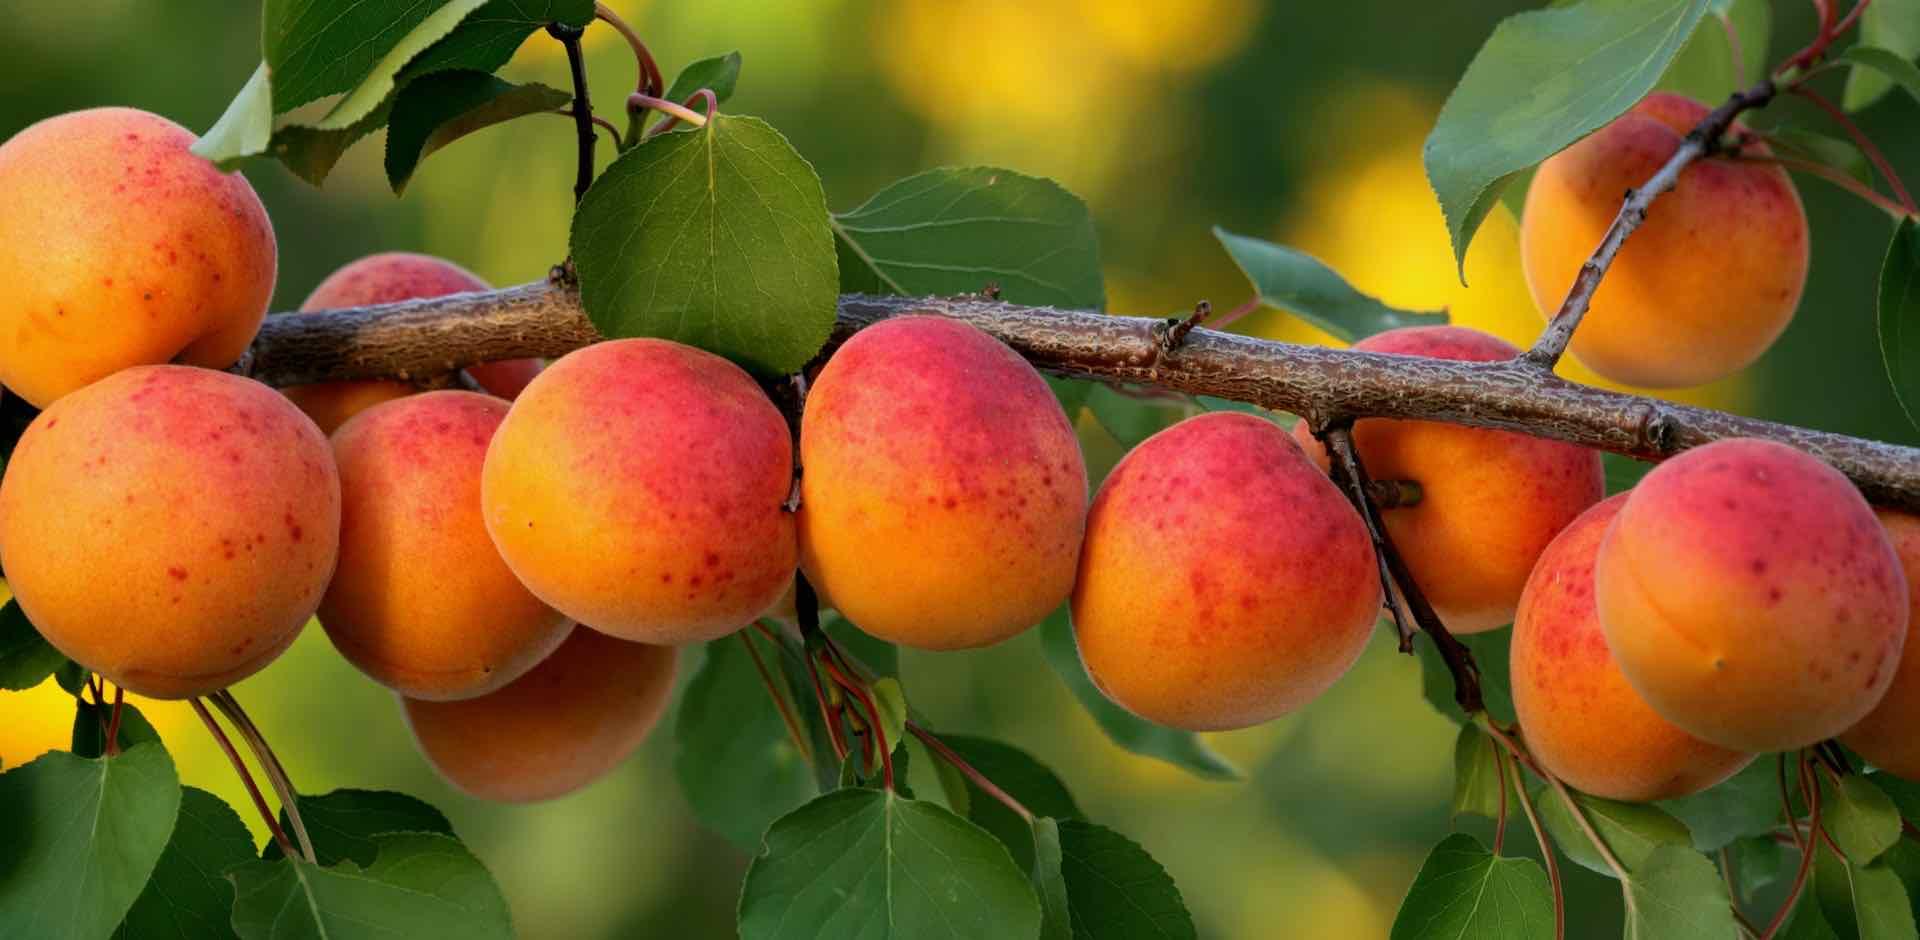 albicocche - apricots - Gustorotondo Italian food boutique - I migliori cibi online - Best Italian food online